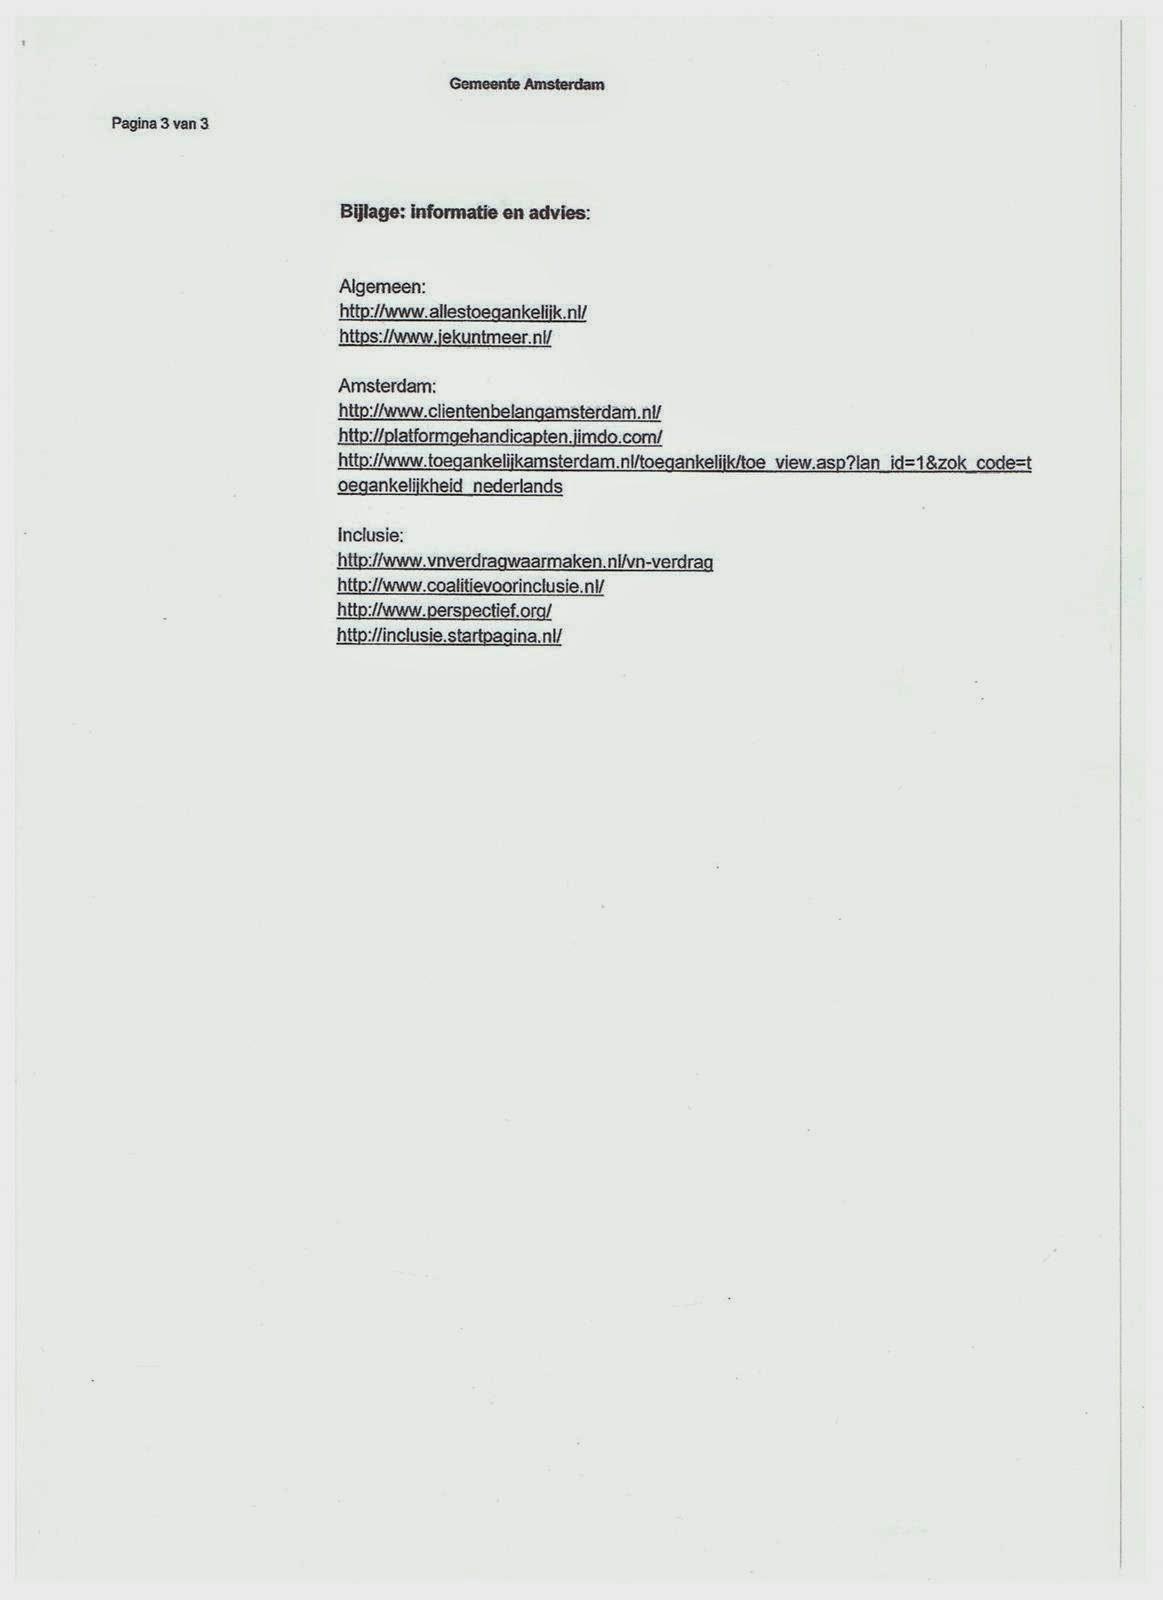 2014 Brief wethouder zover toegankelijkheid is verstuurd